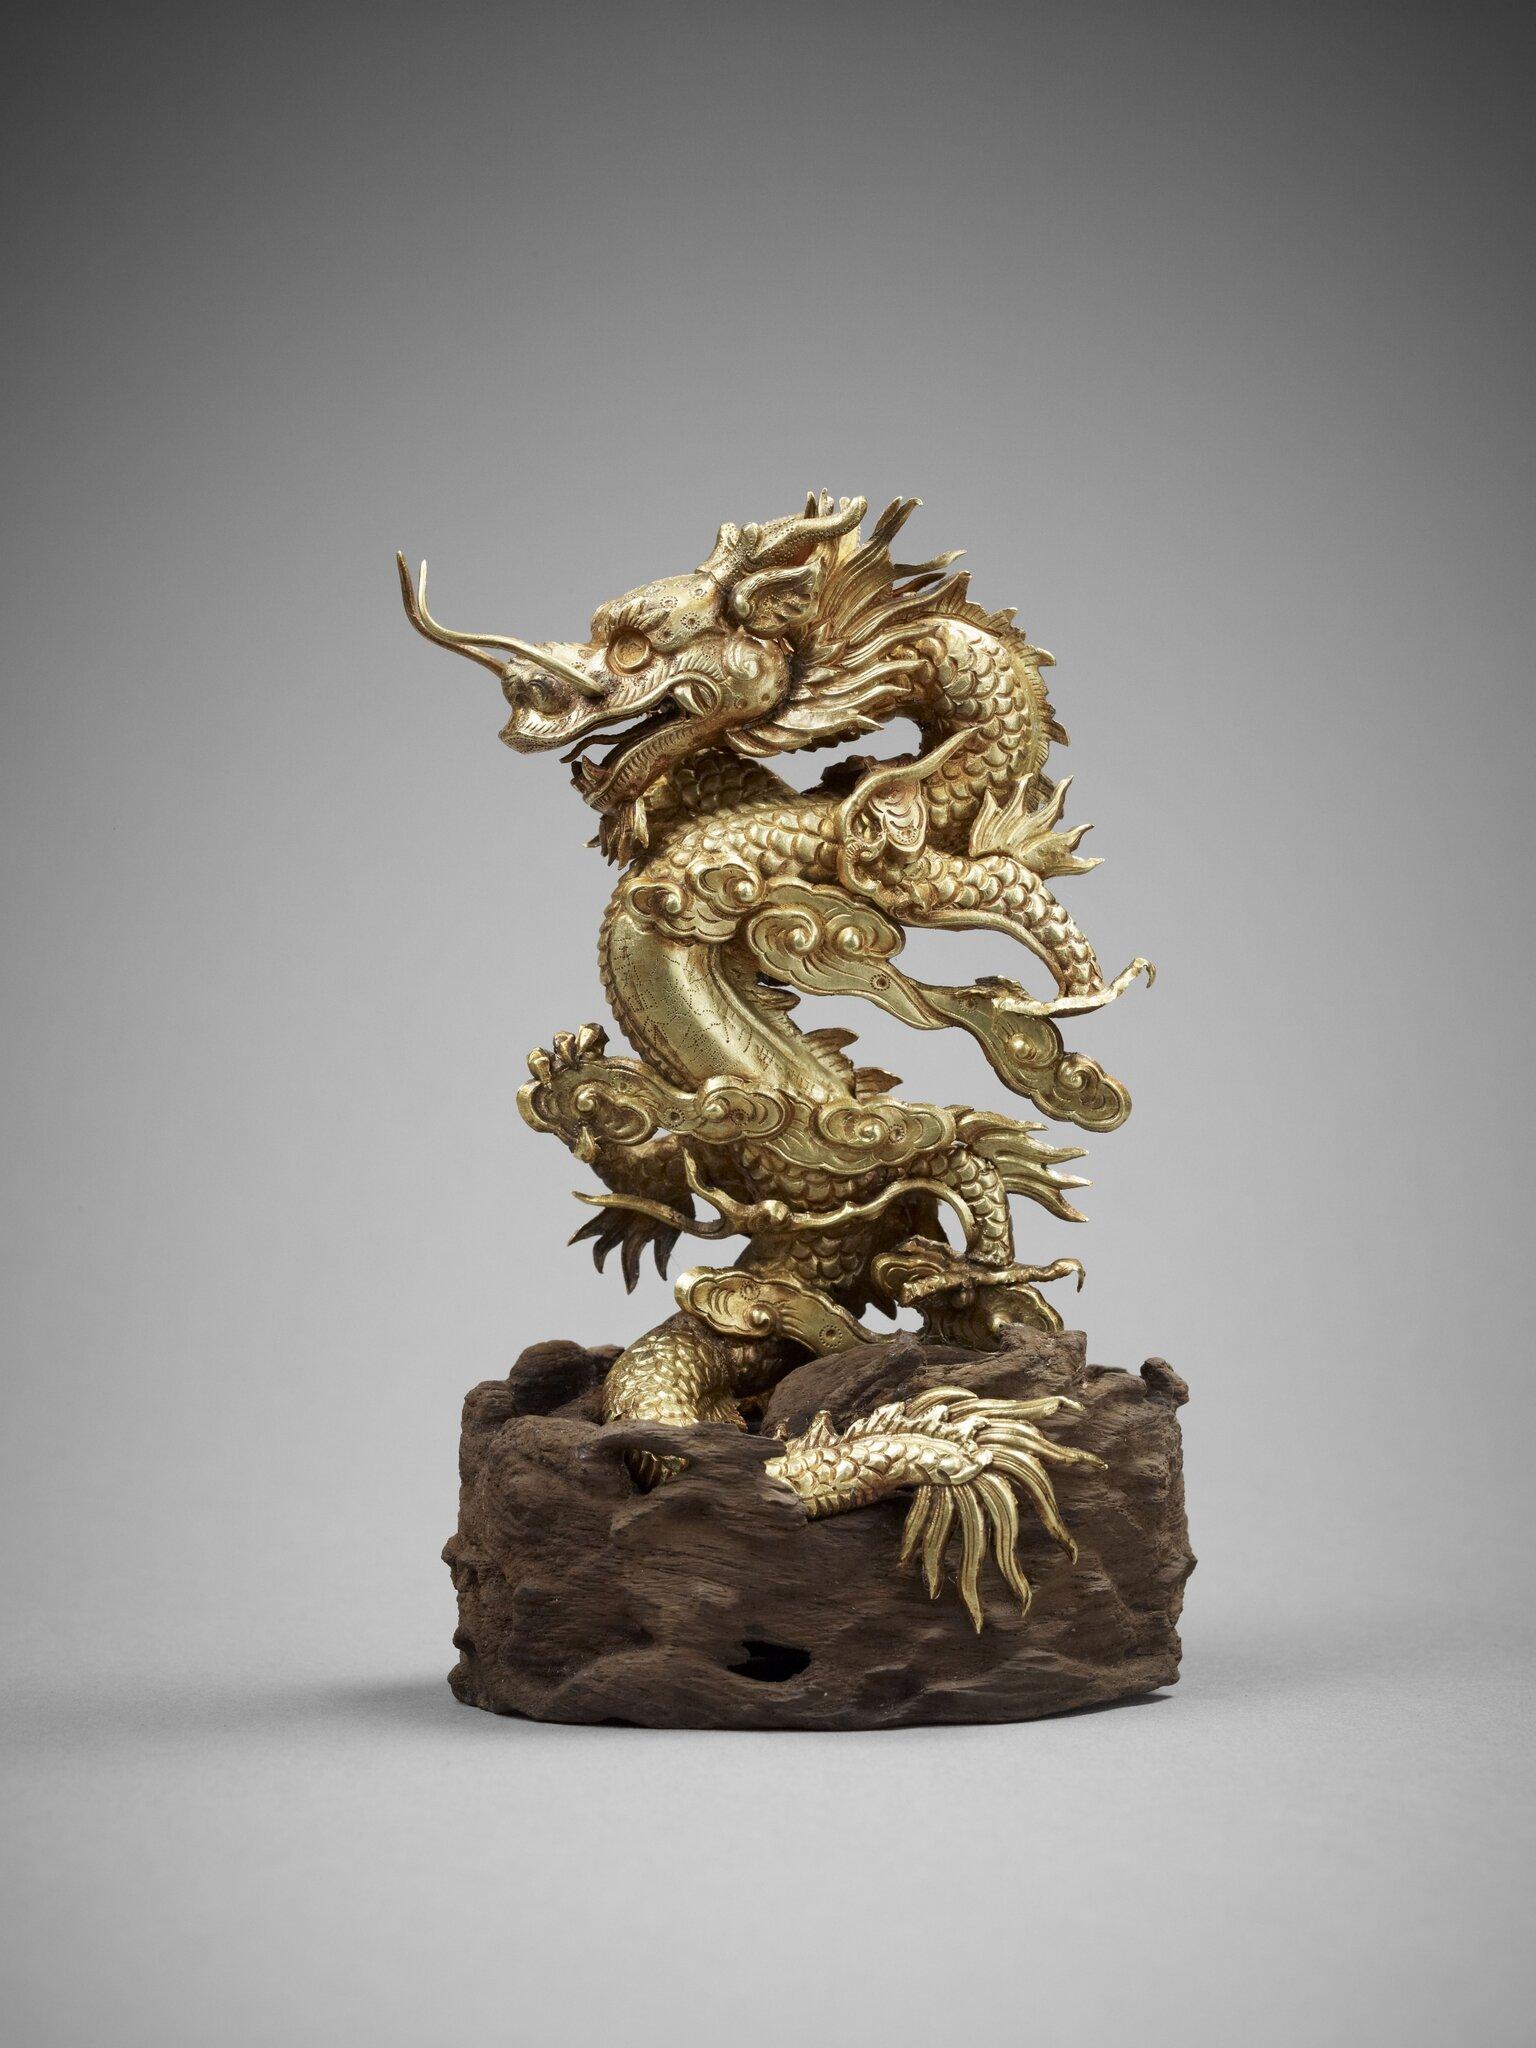 Dragon bondissant dans les nuées. Or et bois, 2e année Thiêu Tri, 1842. H. 12,9 cm; Diam. 8,2 cm. Musée d'Histoire du Vietnam, Hanoi © D.R / Photos : Thierry Ollivier